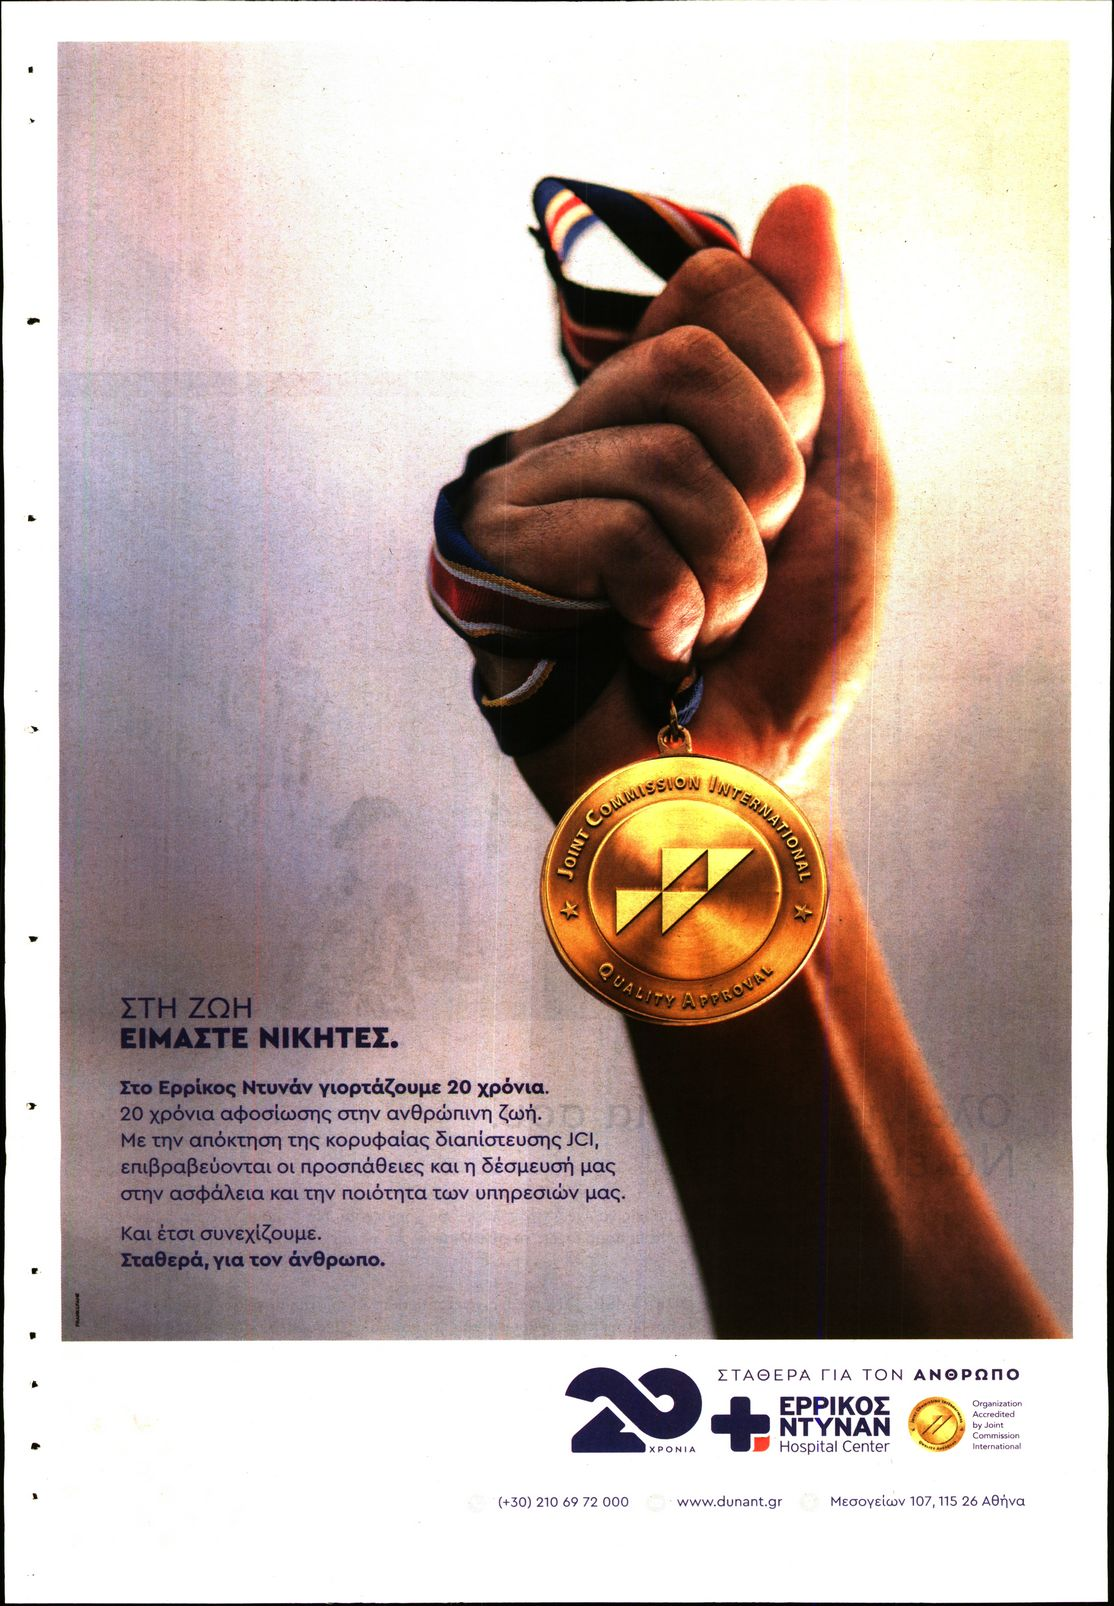 Οπισθόφυλλο του εντύπου «ΤΟ ΒΗΜΑ ΤΗΣ ΚΥΡΙΑΚΗΣ - ΕΙΔΙΚΗ ΕΚΔΟΣΗ» που δημοσιεύτηκε στις 19/09/2021